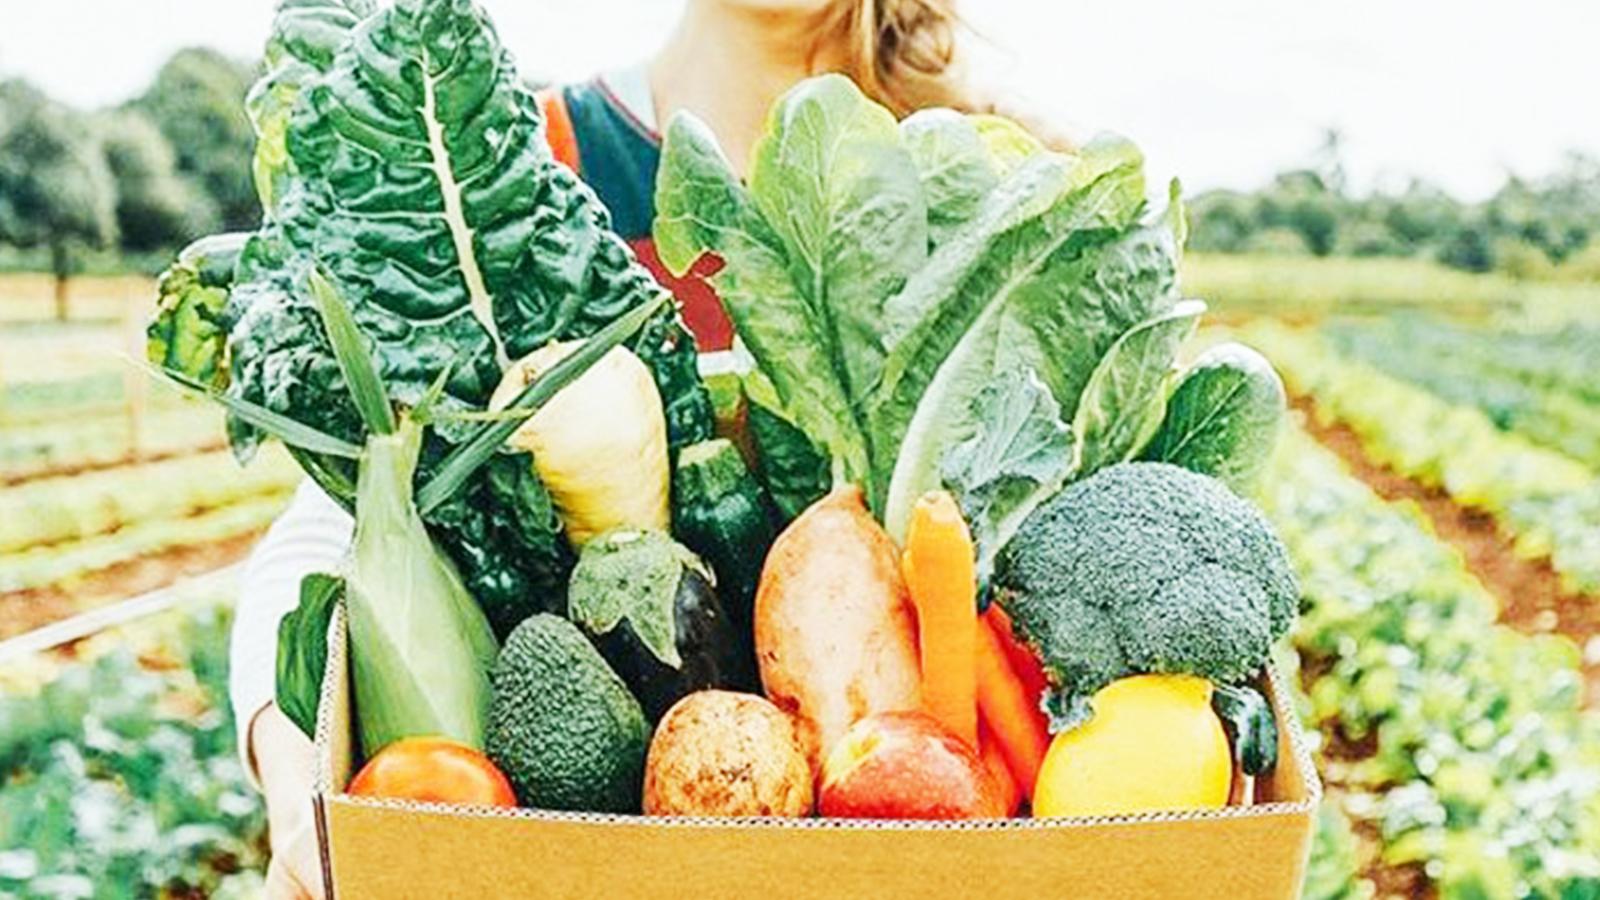 Nuestro socios promocionan la venta online de productos ecológicos